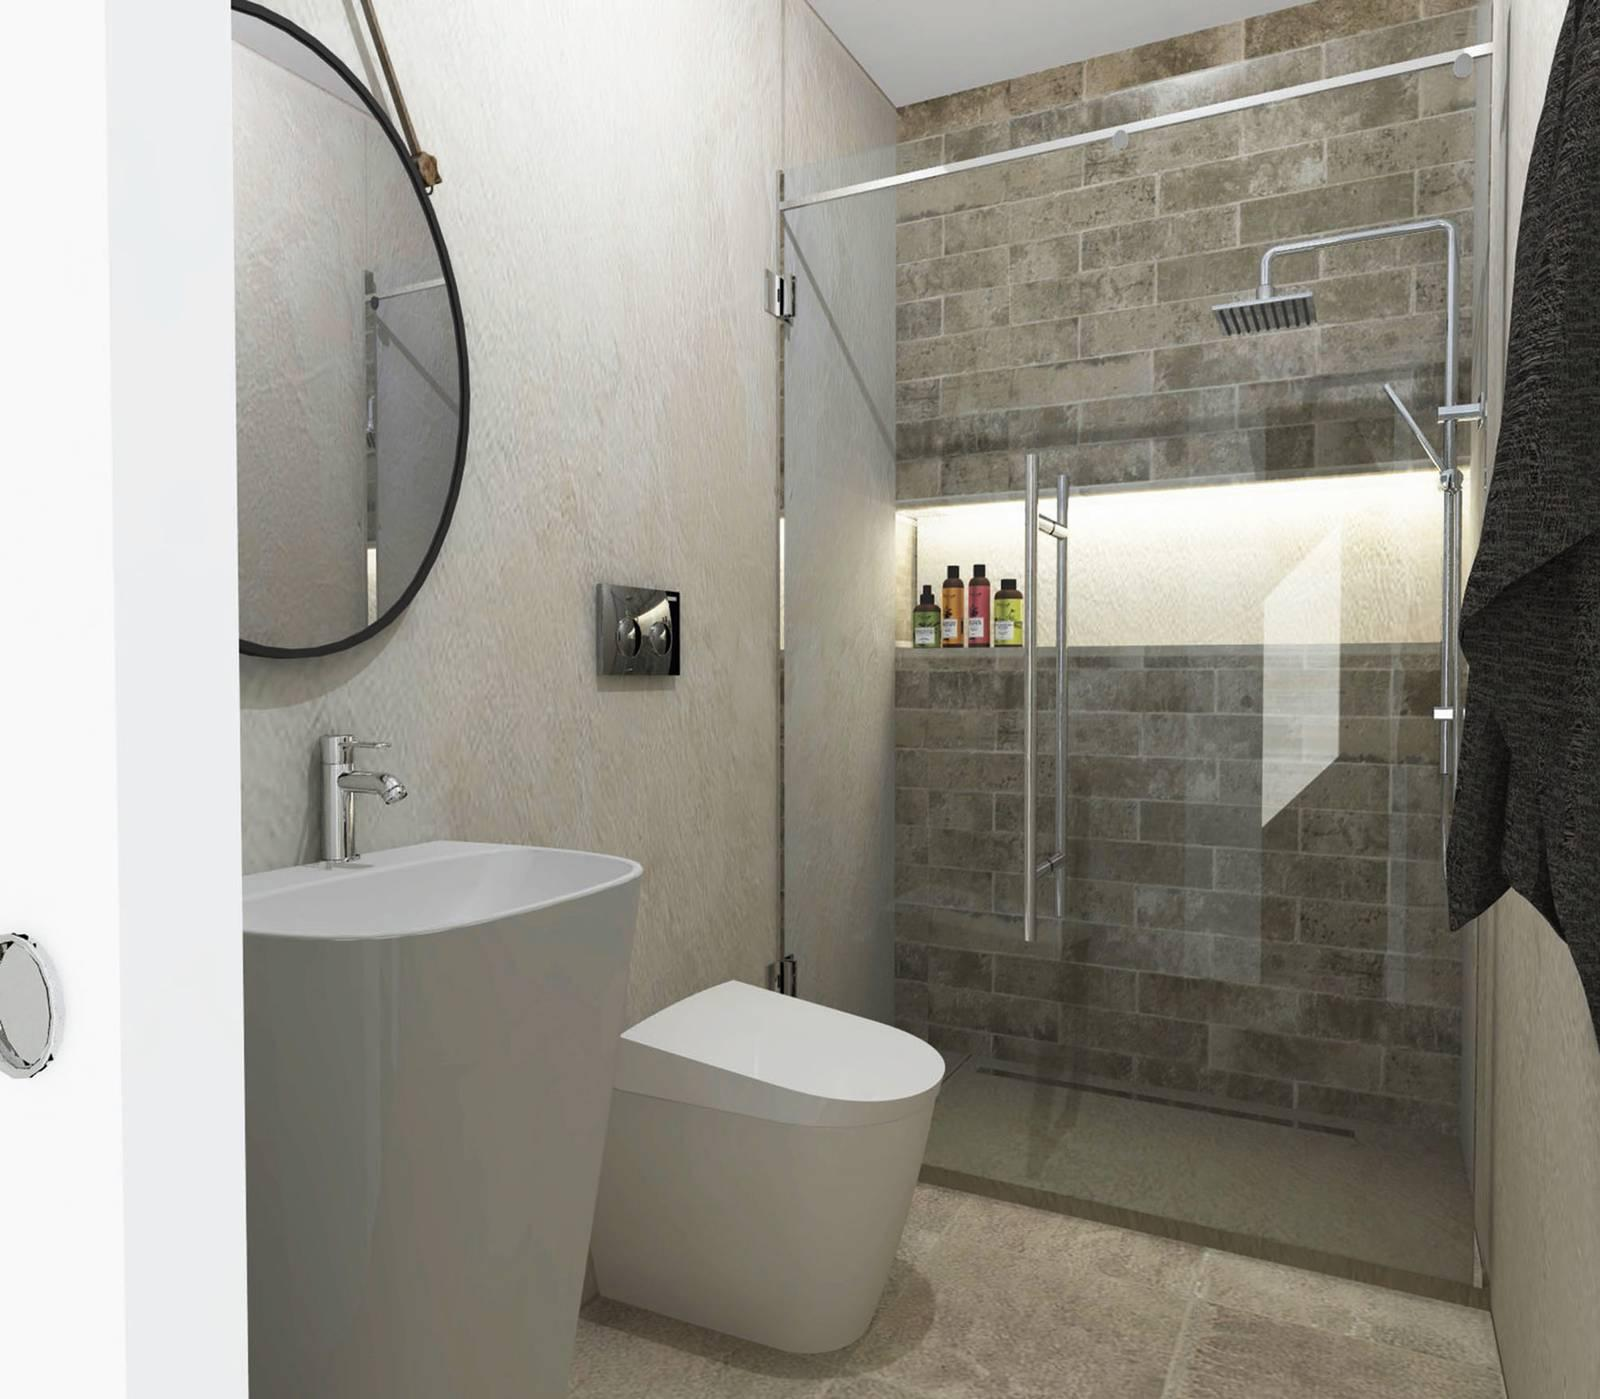 Lavori in casa ristrutturare il bagno mini con maxi doccia cose di casa for Costi vasche da bagno